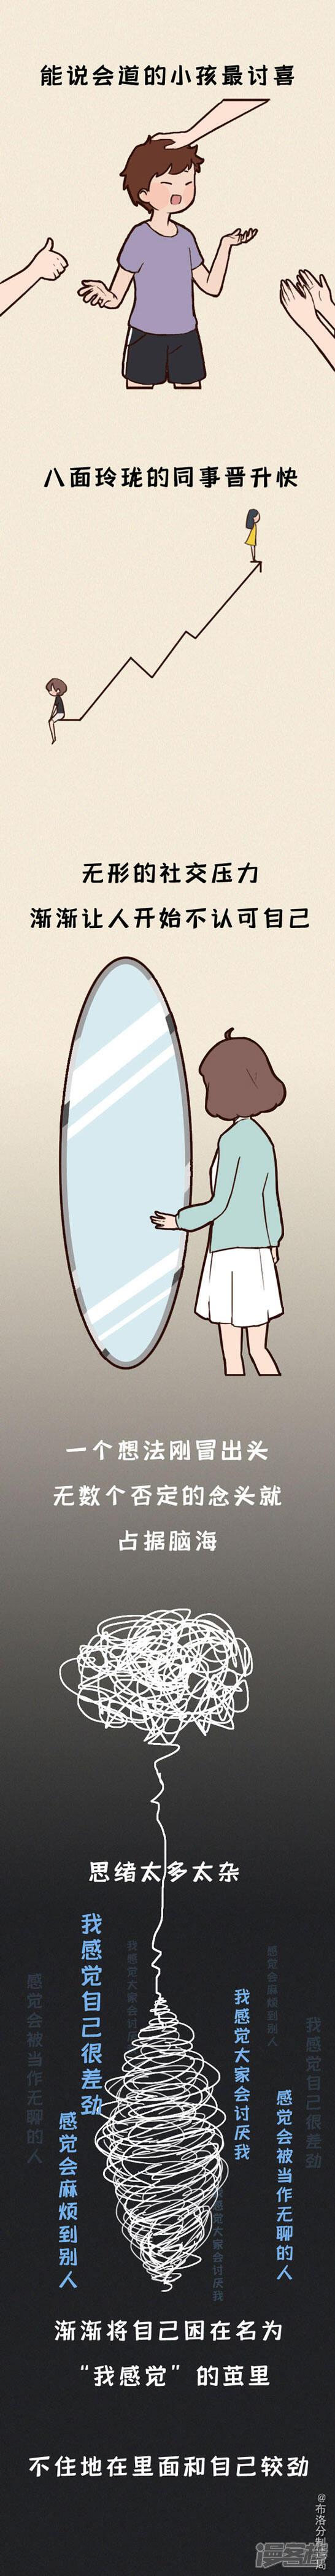 社恐4-2.jpg